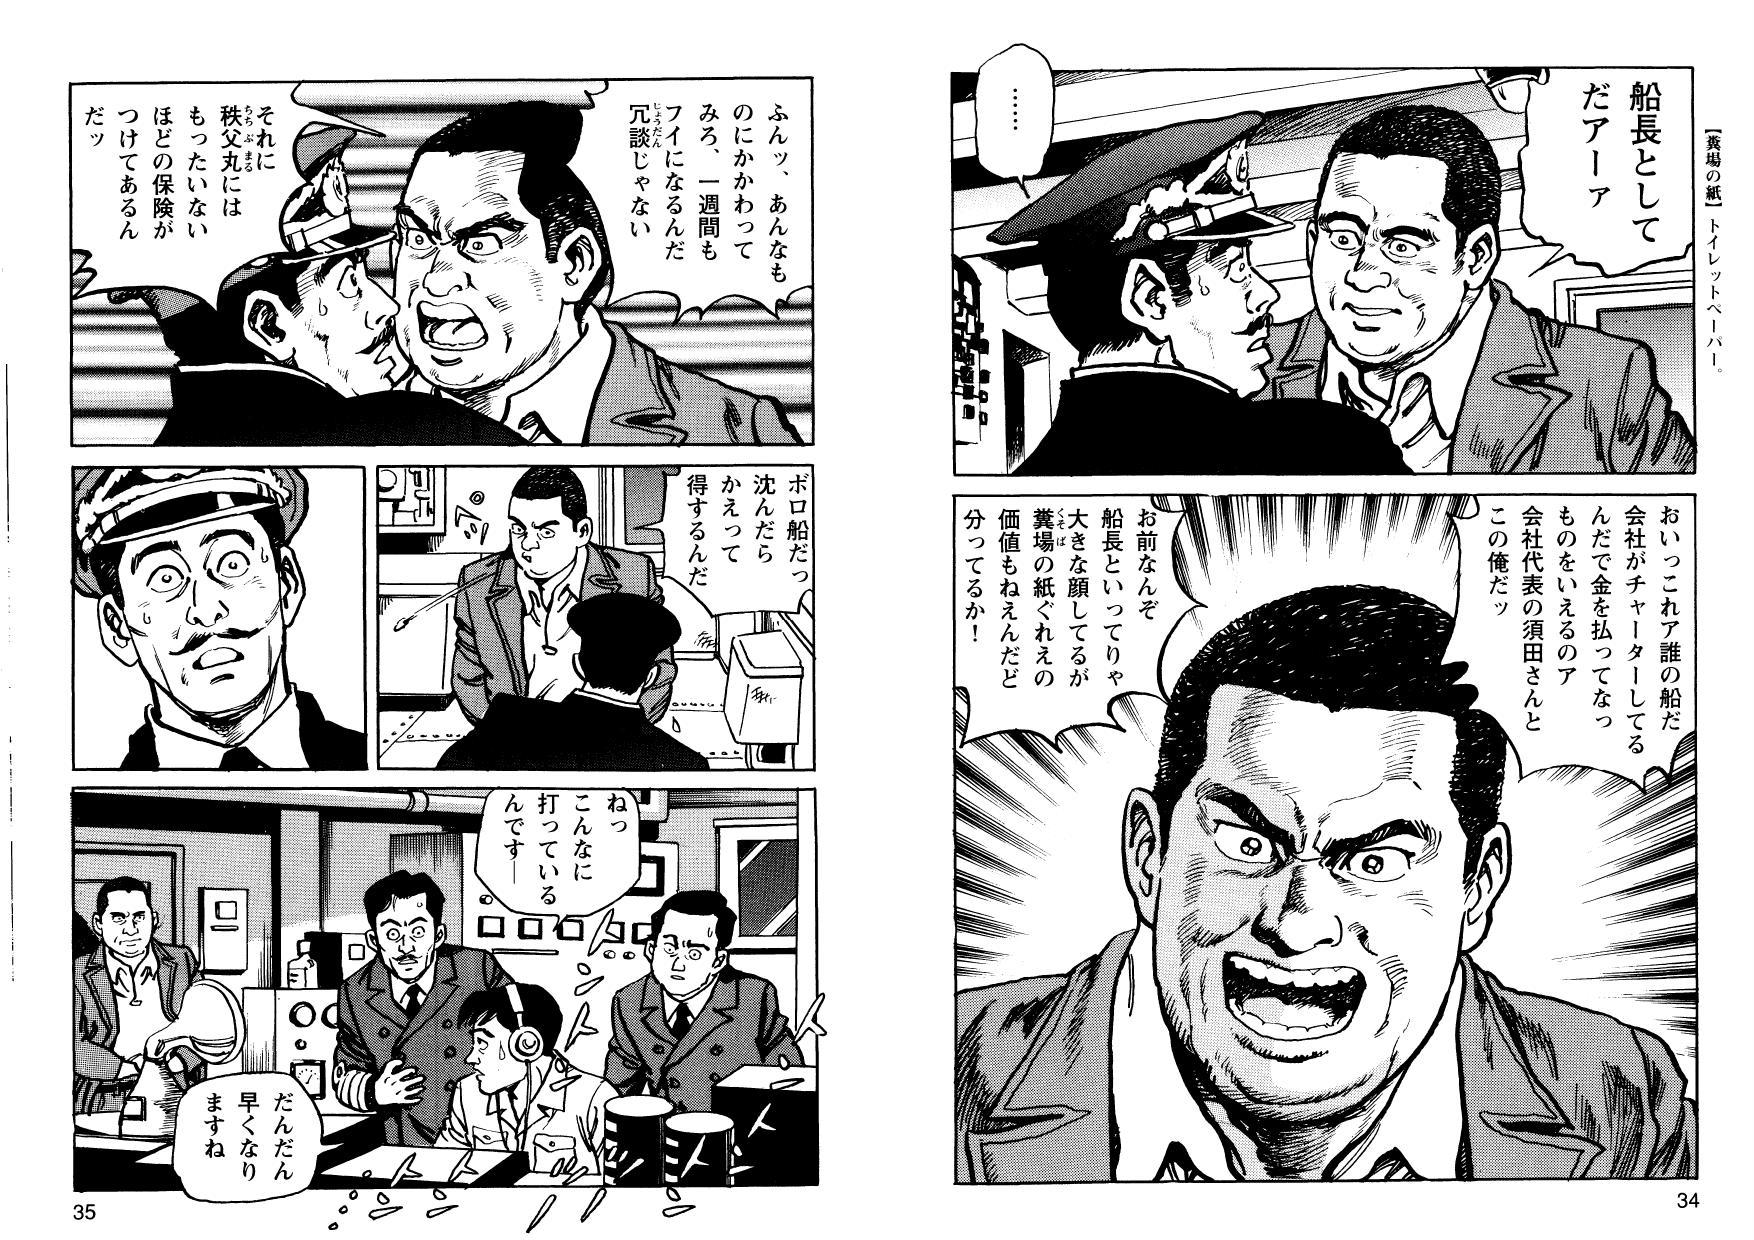 kani_cmc_000018.jpg